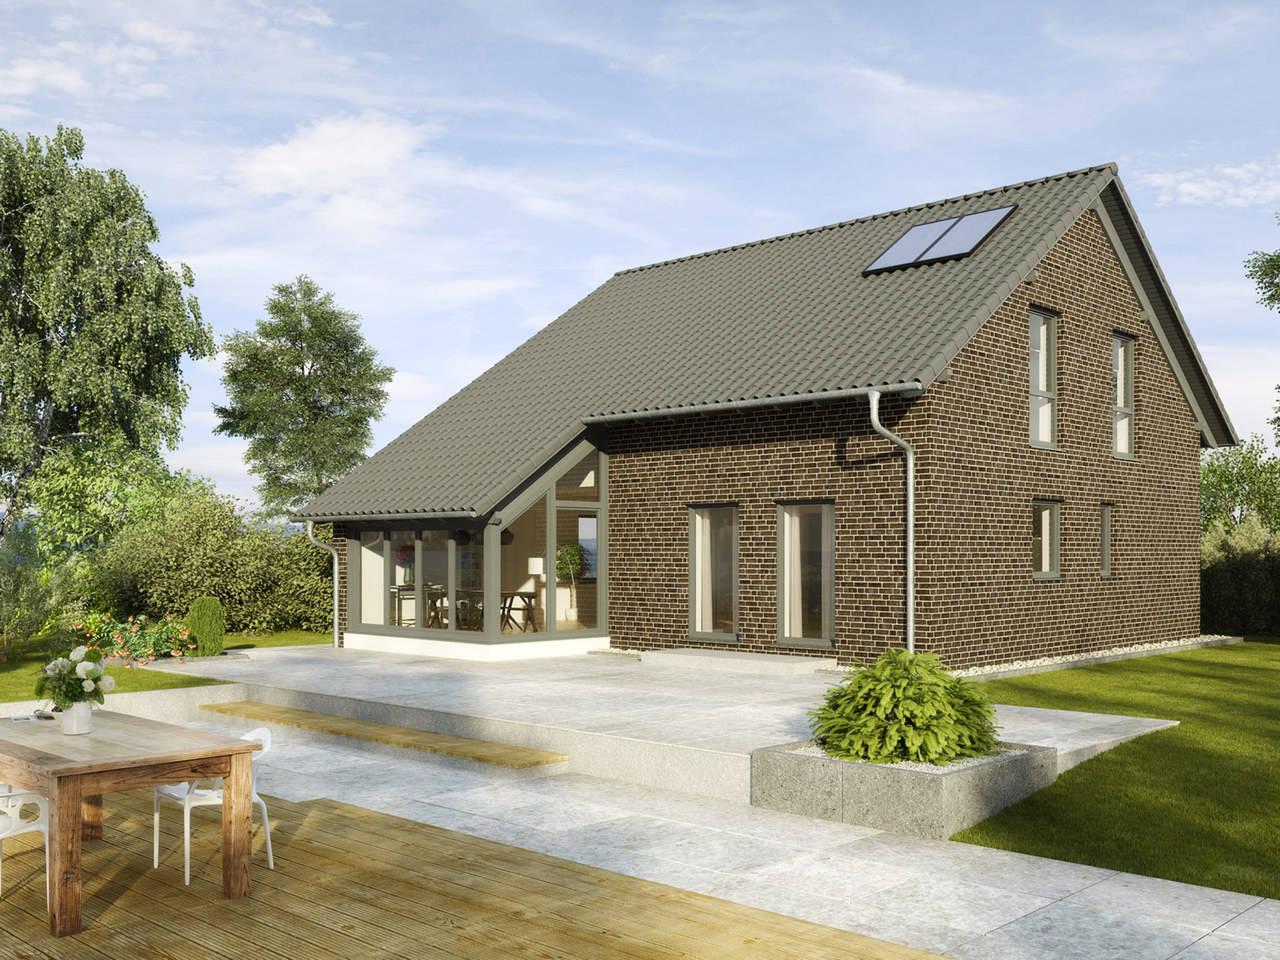 Einfamilienhaus Buchenallee Variante 2 von Gussek Haus